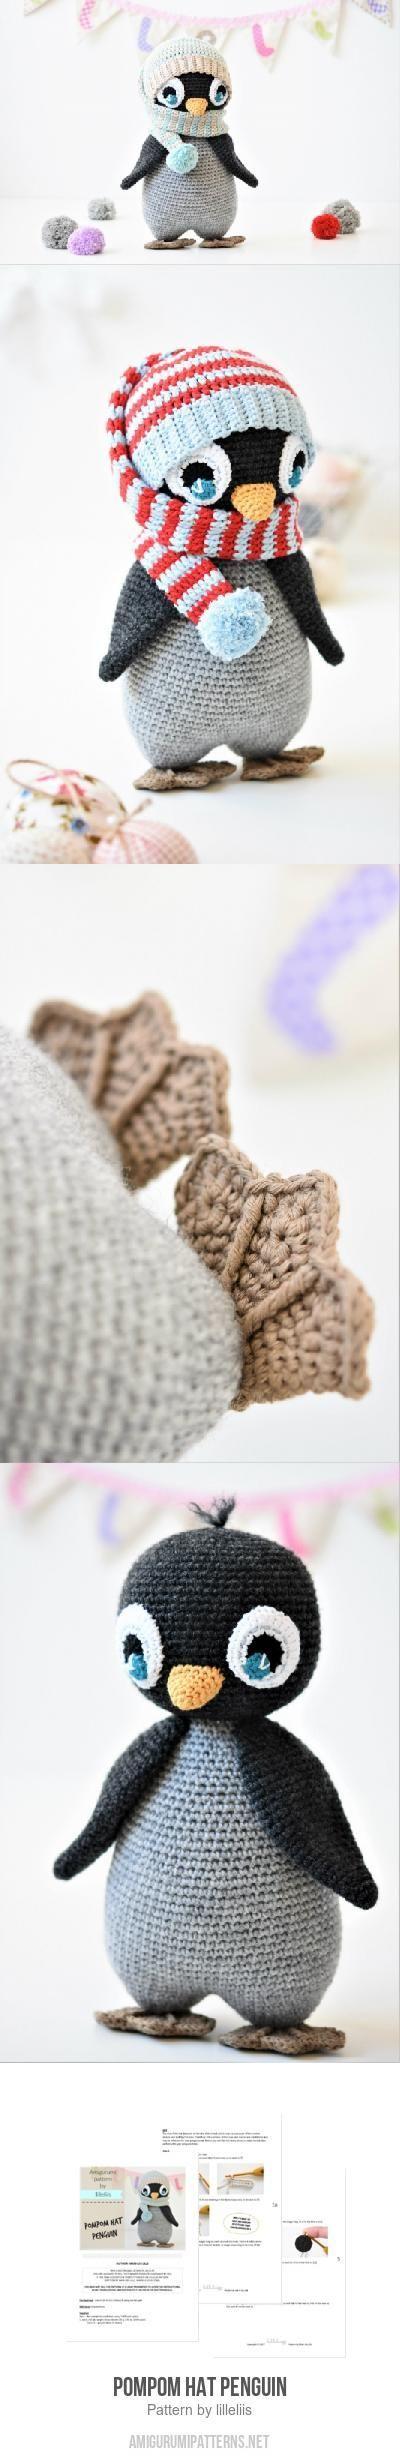 237 mejores imágenes sobre Crochet en Pinterest | Patrón gratis ...